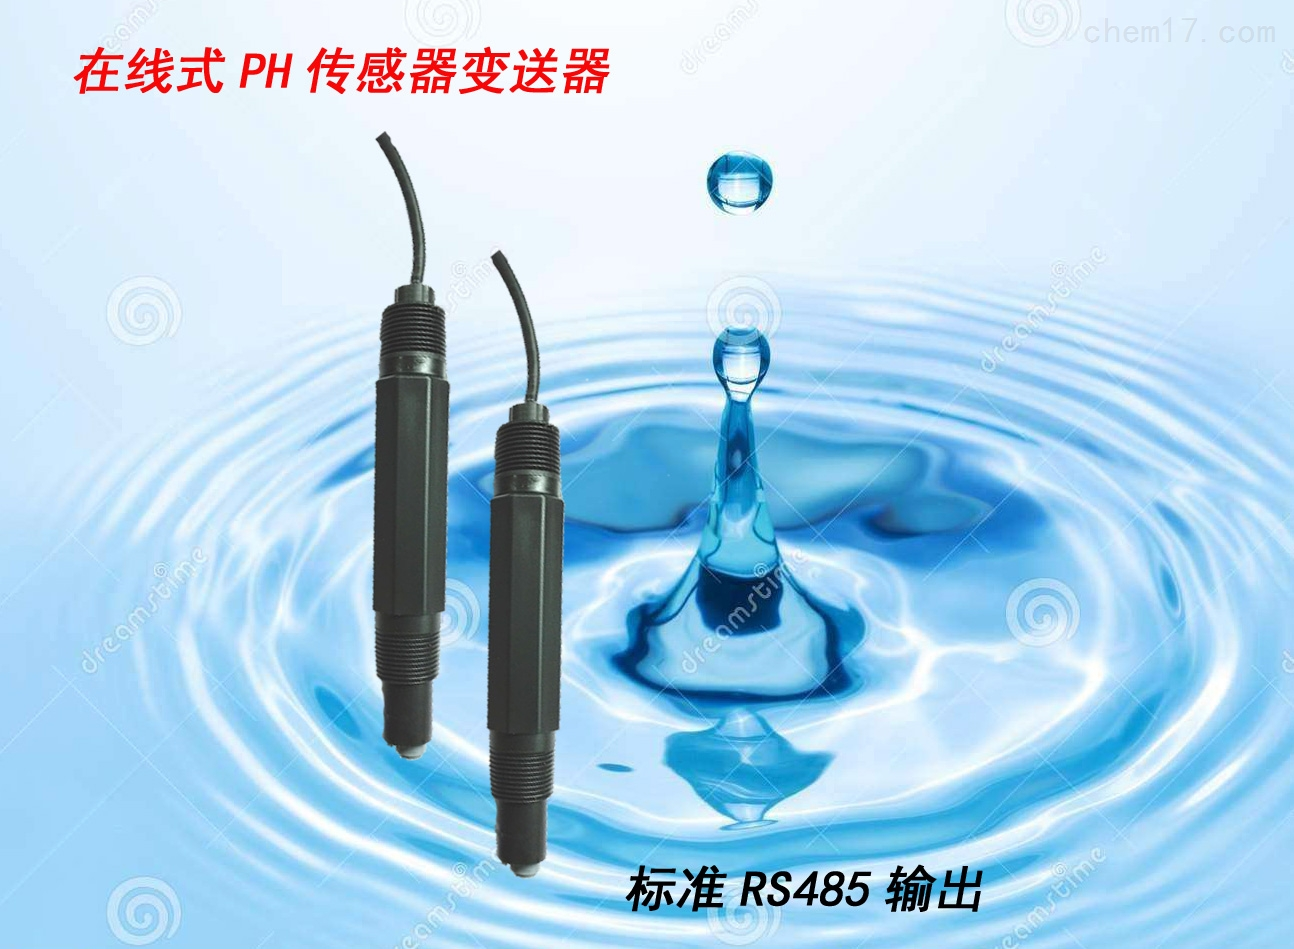 海水--CRK-Salt-485在线水质盐度传感器